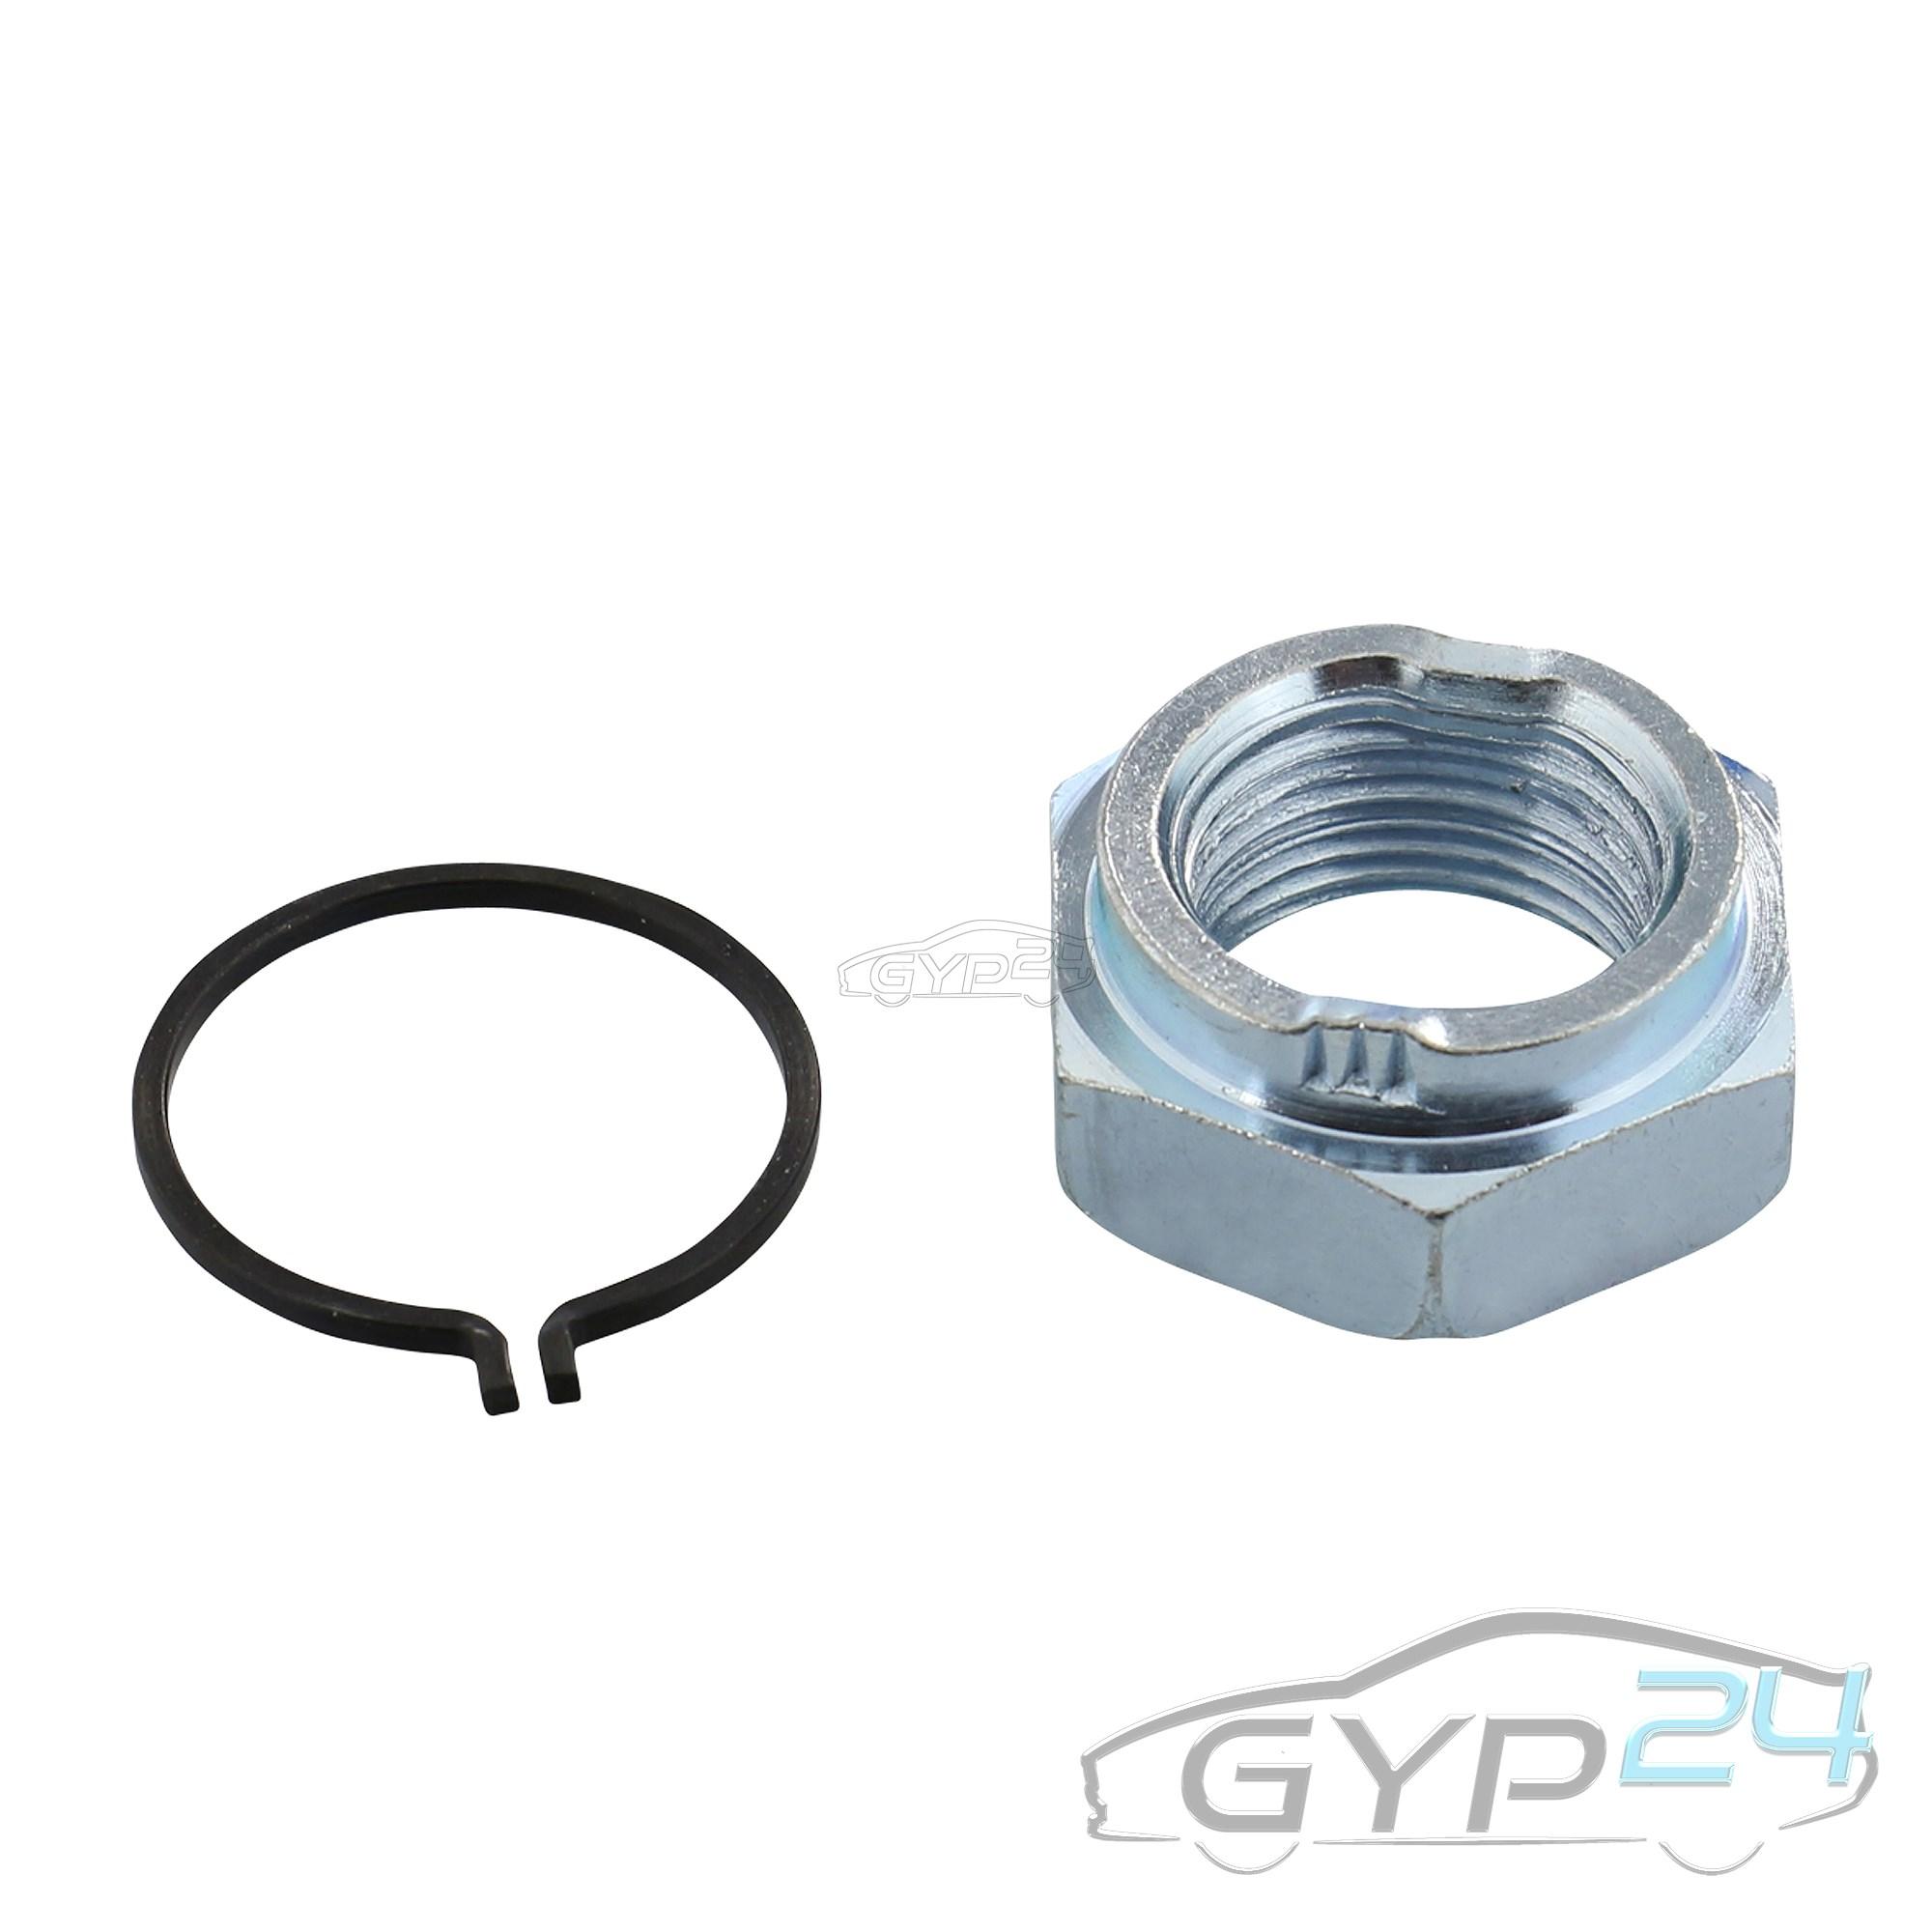 Articulacion-de-las-articulaciones-conjunto-de-propulsion-eje-de-transmision-ondas-articular-con-ABS miniatura 3